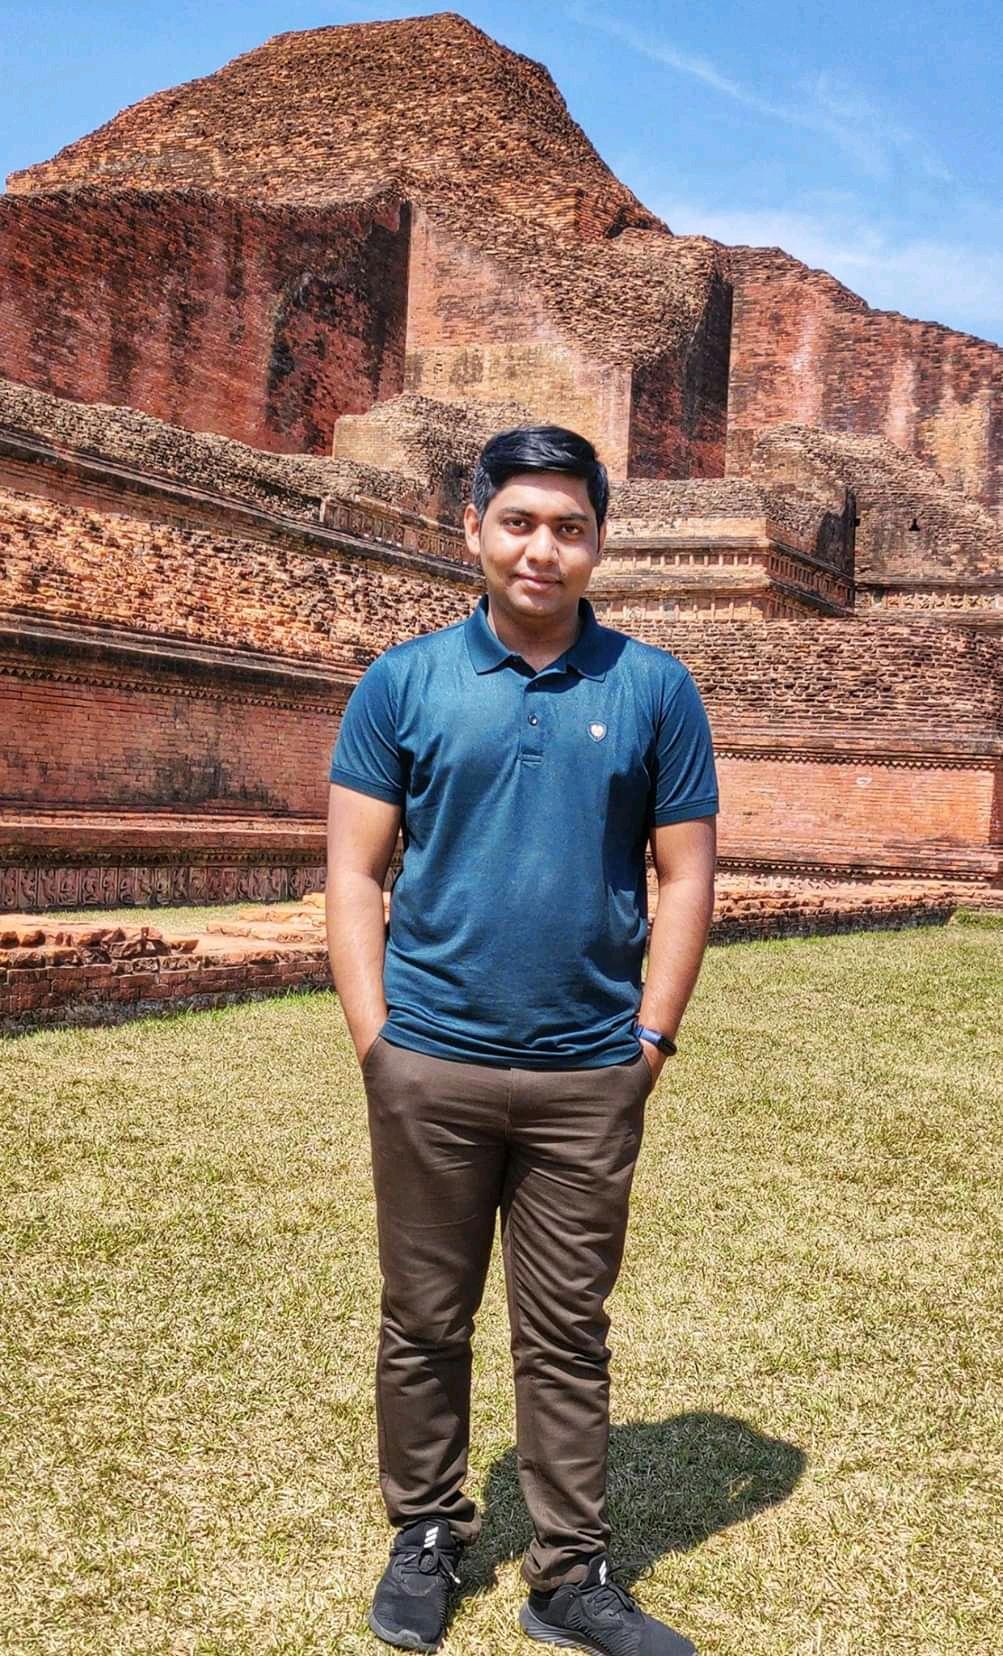 Md. Mahmudur Rahman Mamun, student of MIST CSE-13